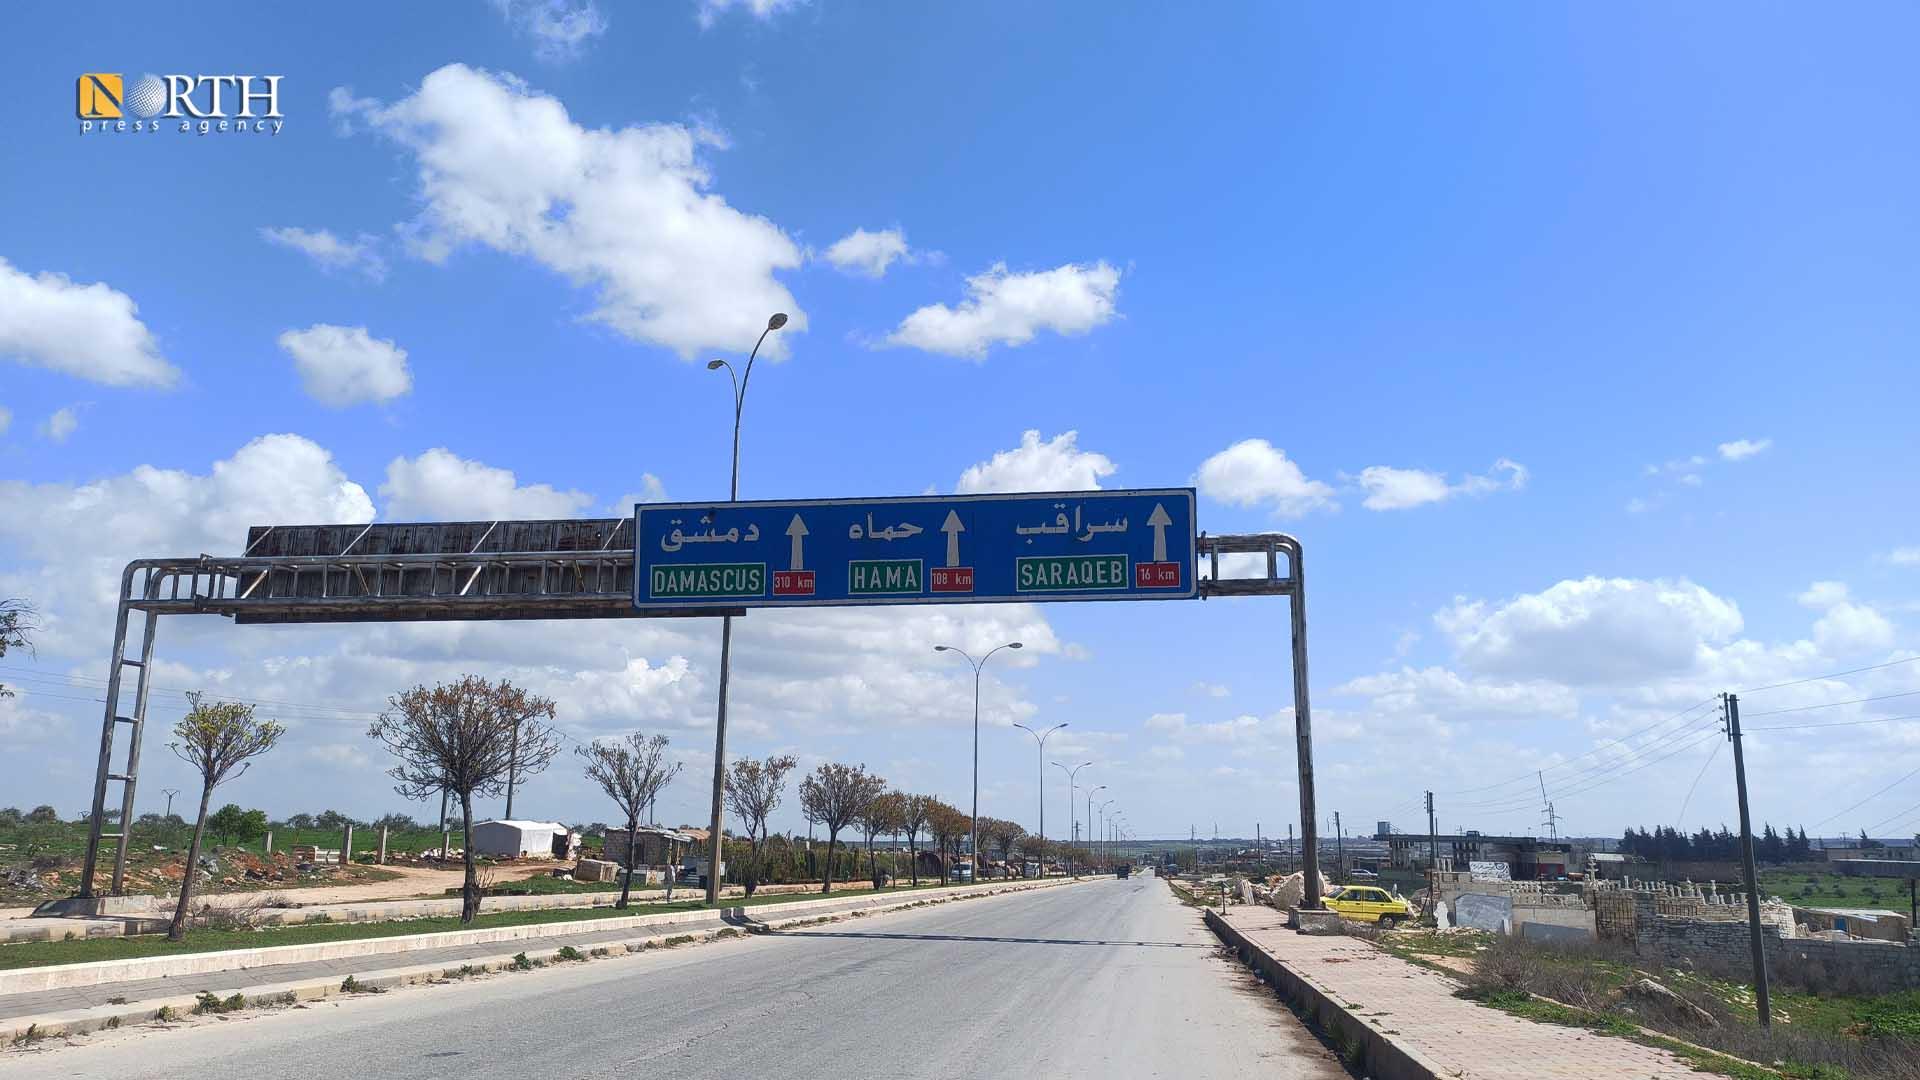 Idlib-Saraqib route – North Press, archive.